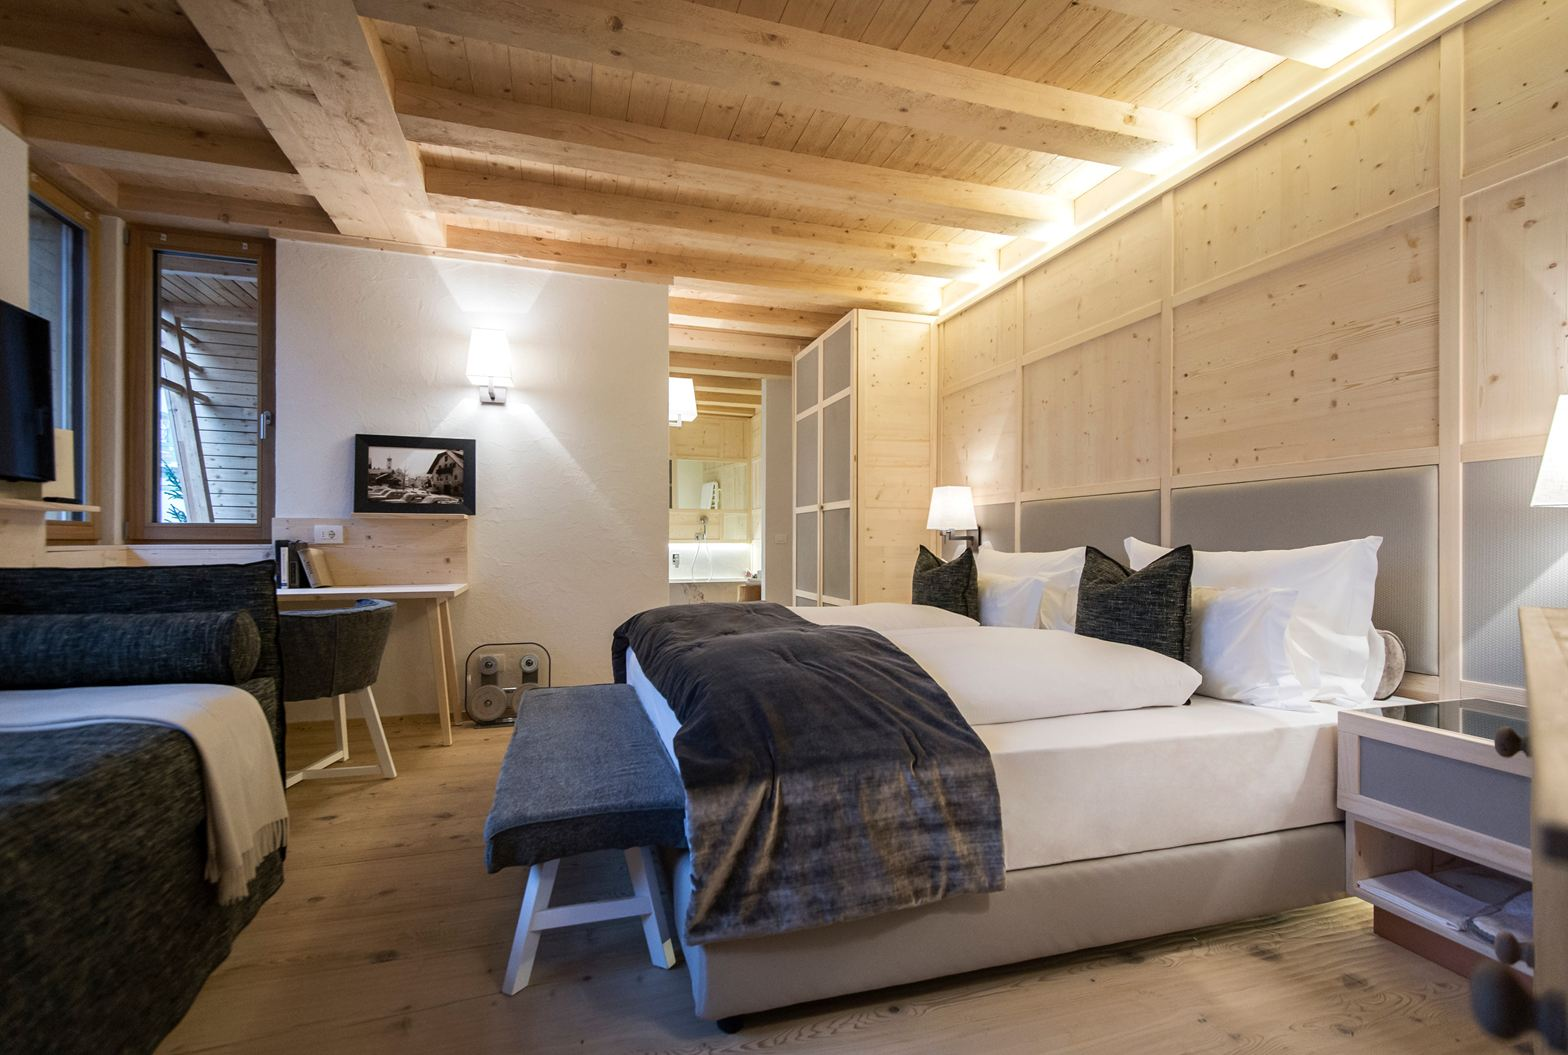 Le camere sono dotate di ogni comfort, sono calde e accoglienti ...